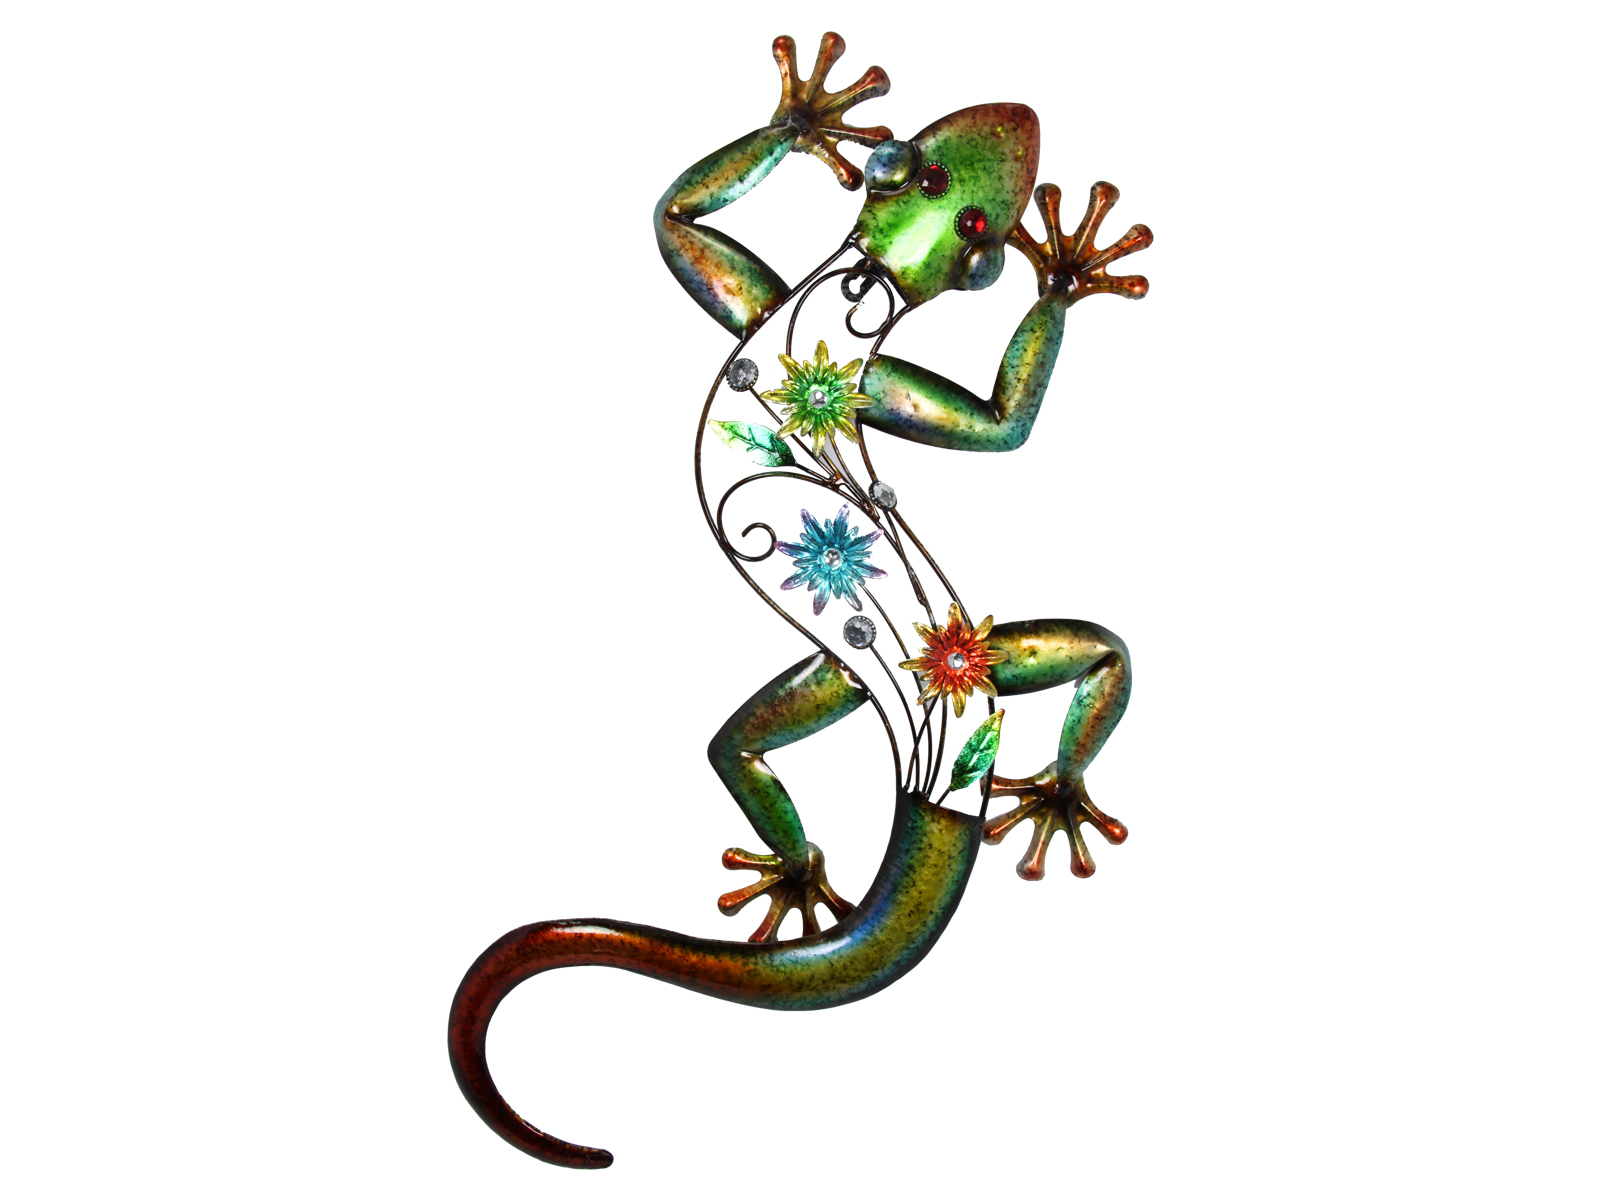 68cm colourful metal lizard gecko wall art piece hanging for Gecko wall art